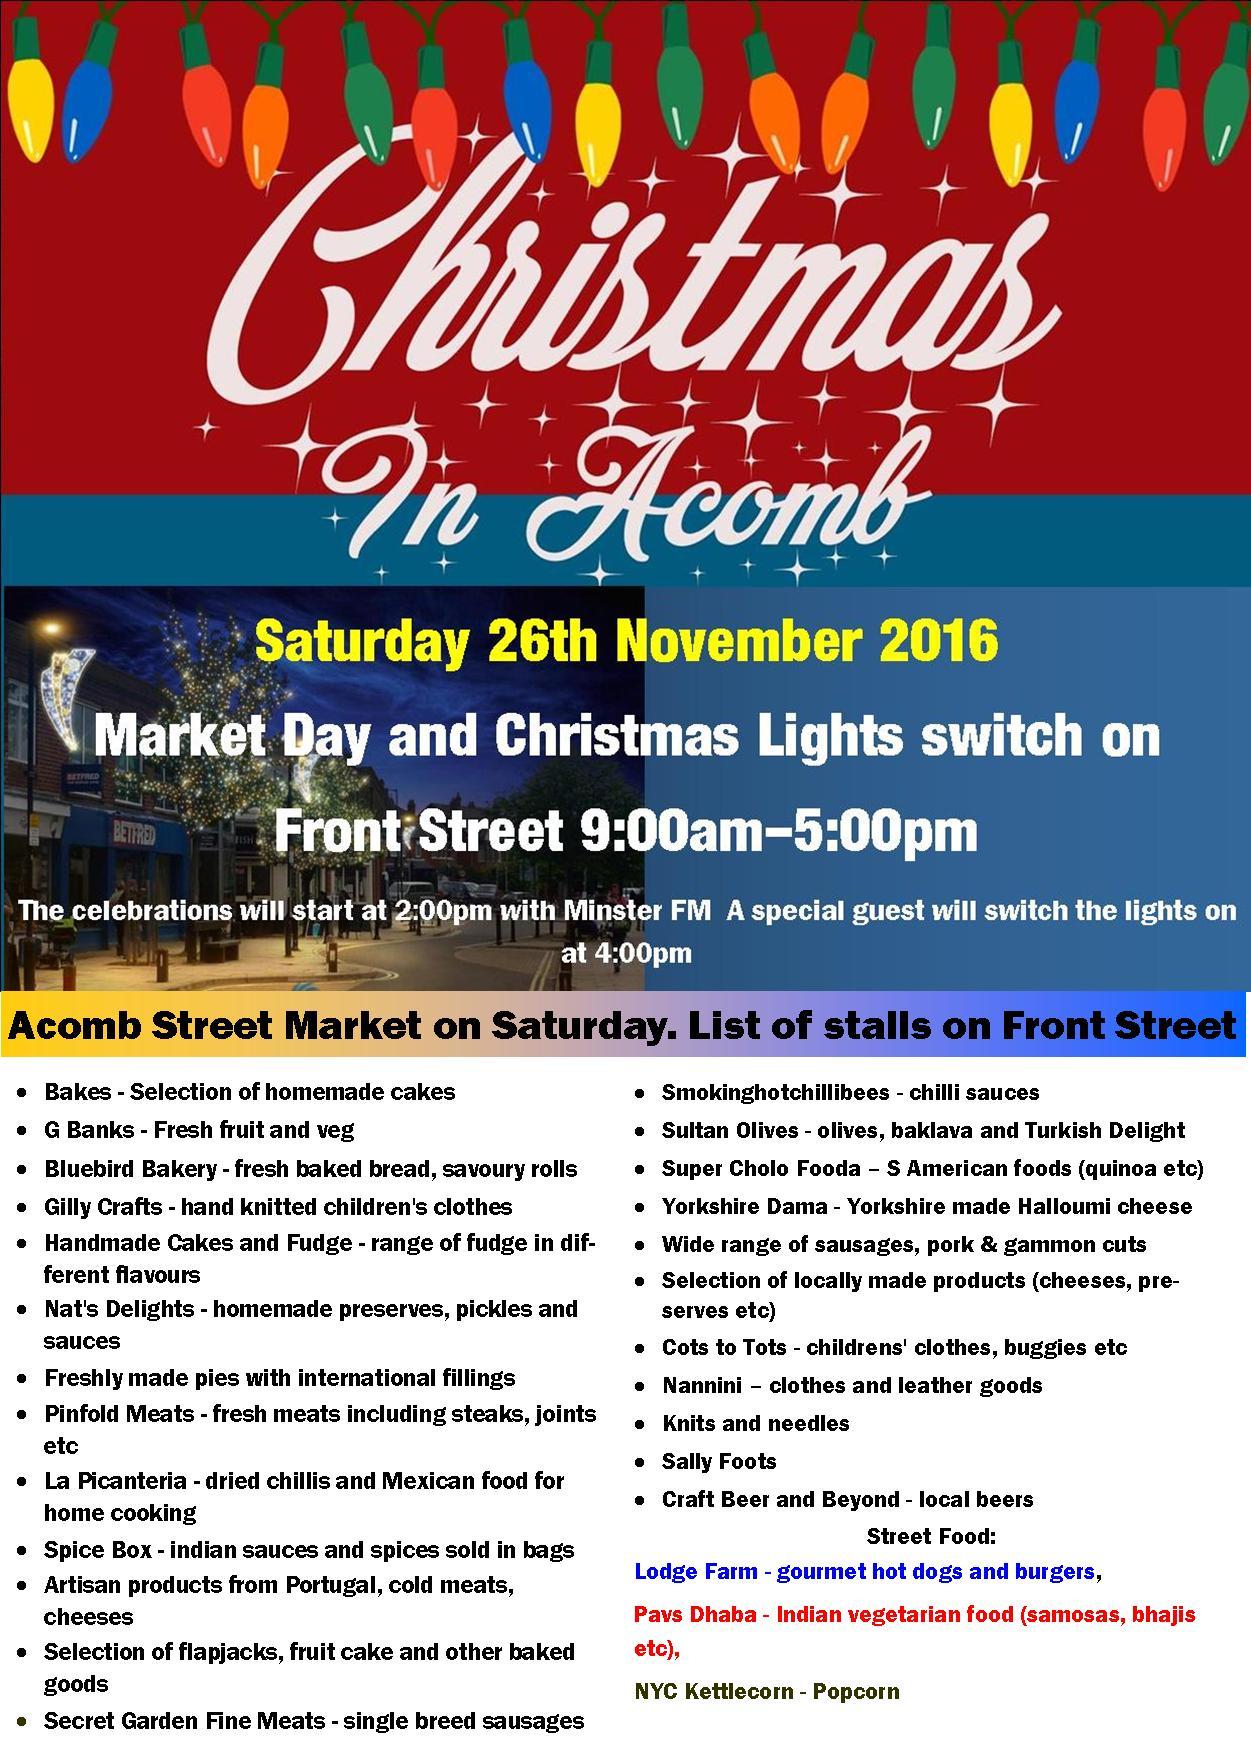 acomb-market-stalls-list